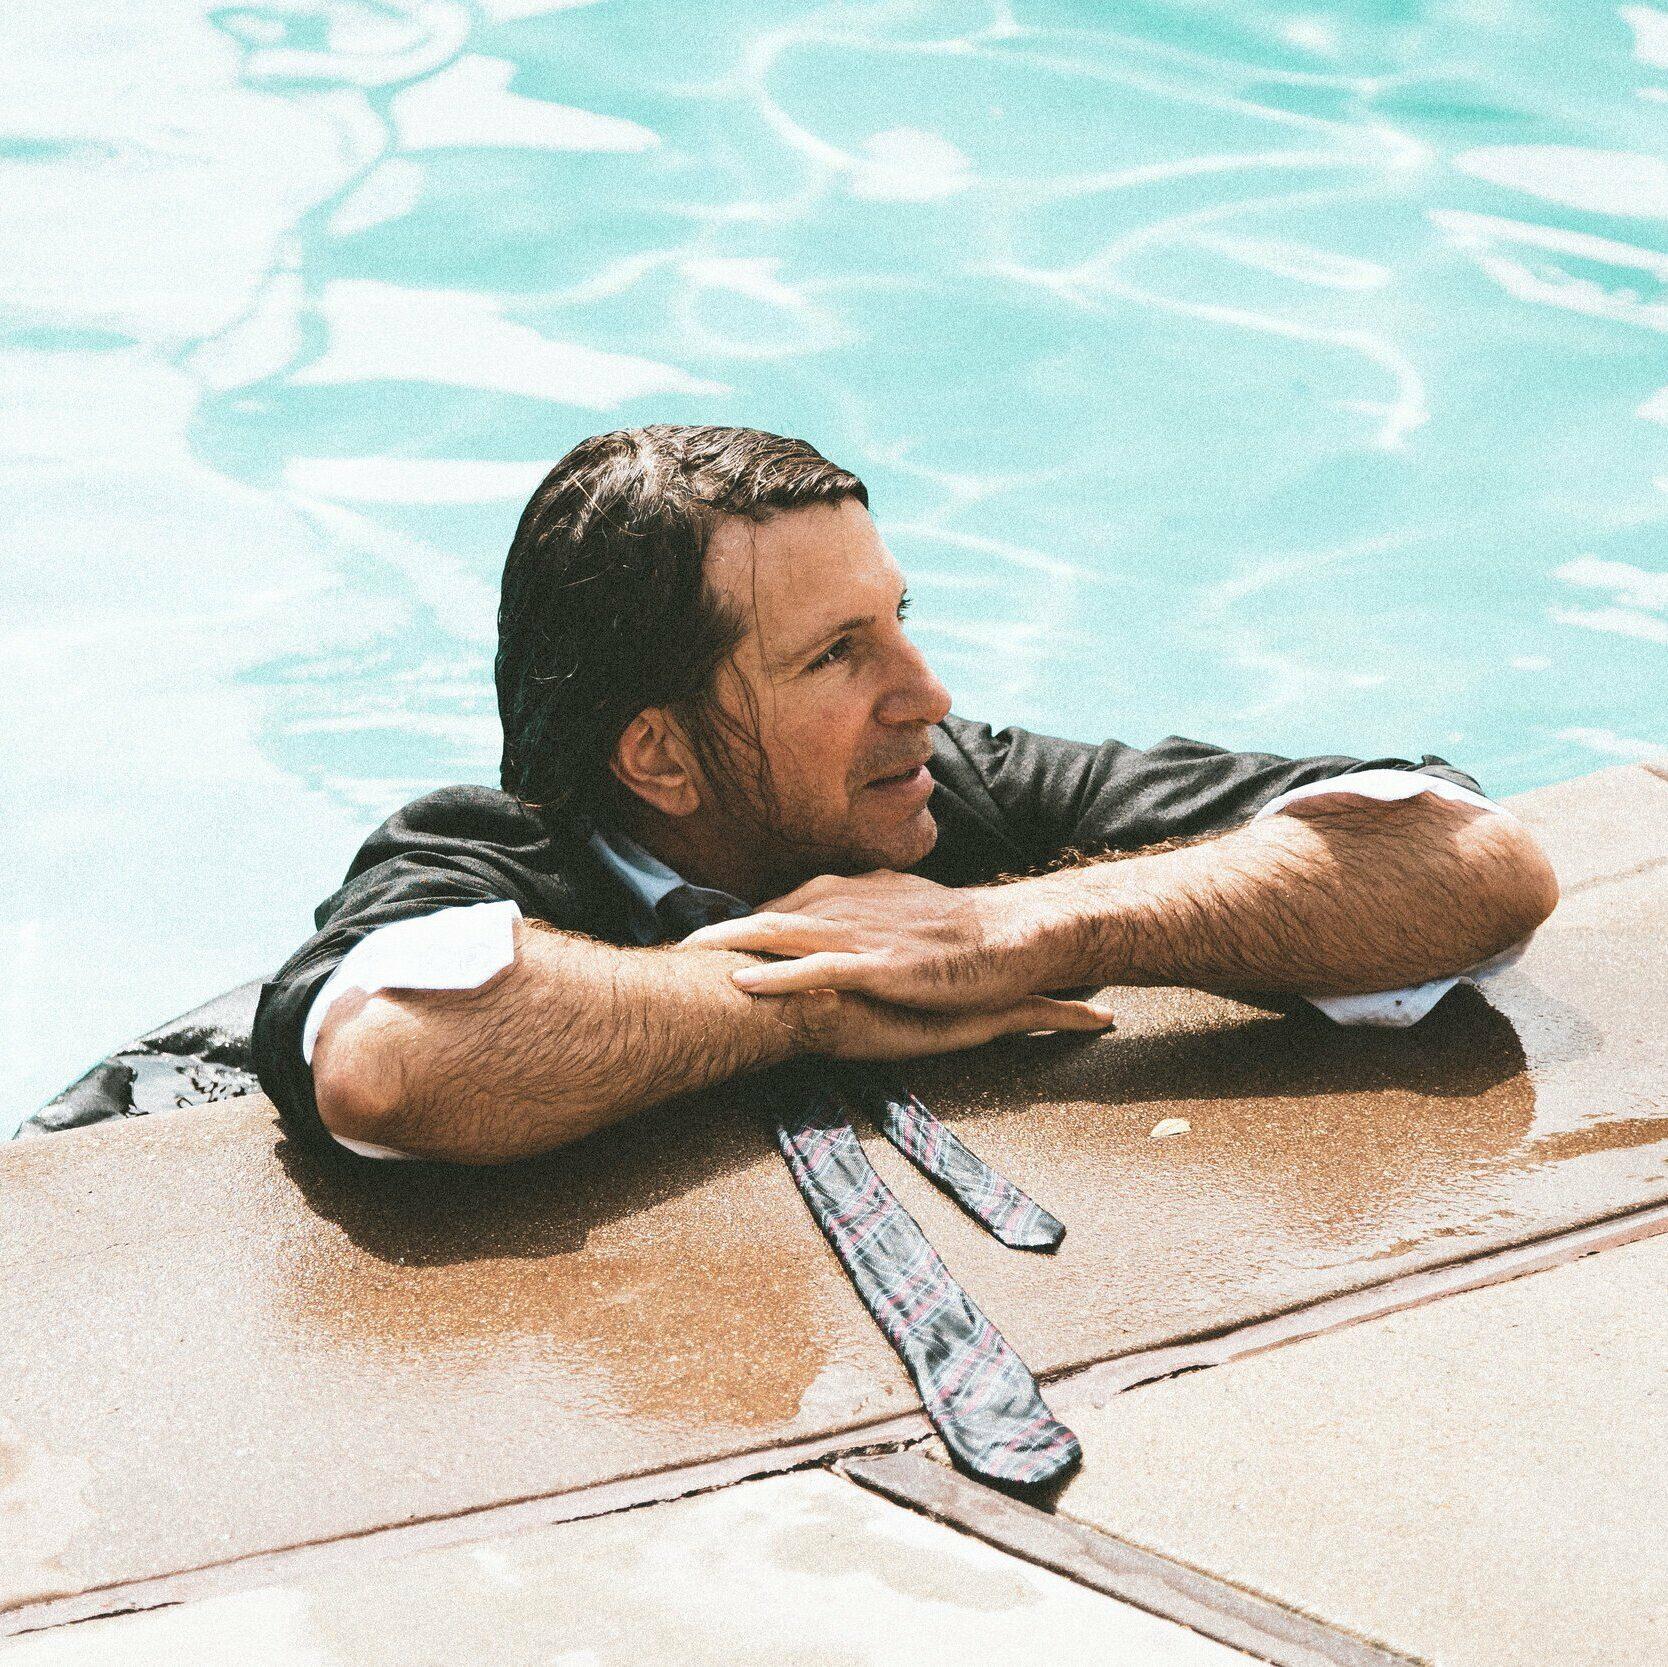 Poolside DJ Set Brijean Boise August 4, 2021